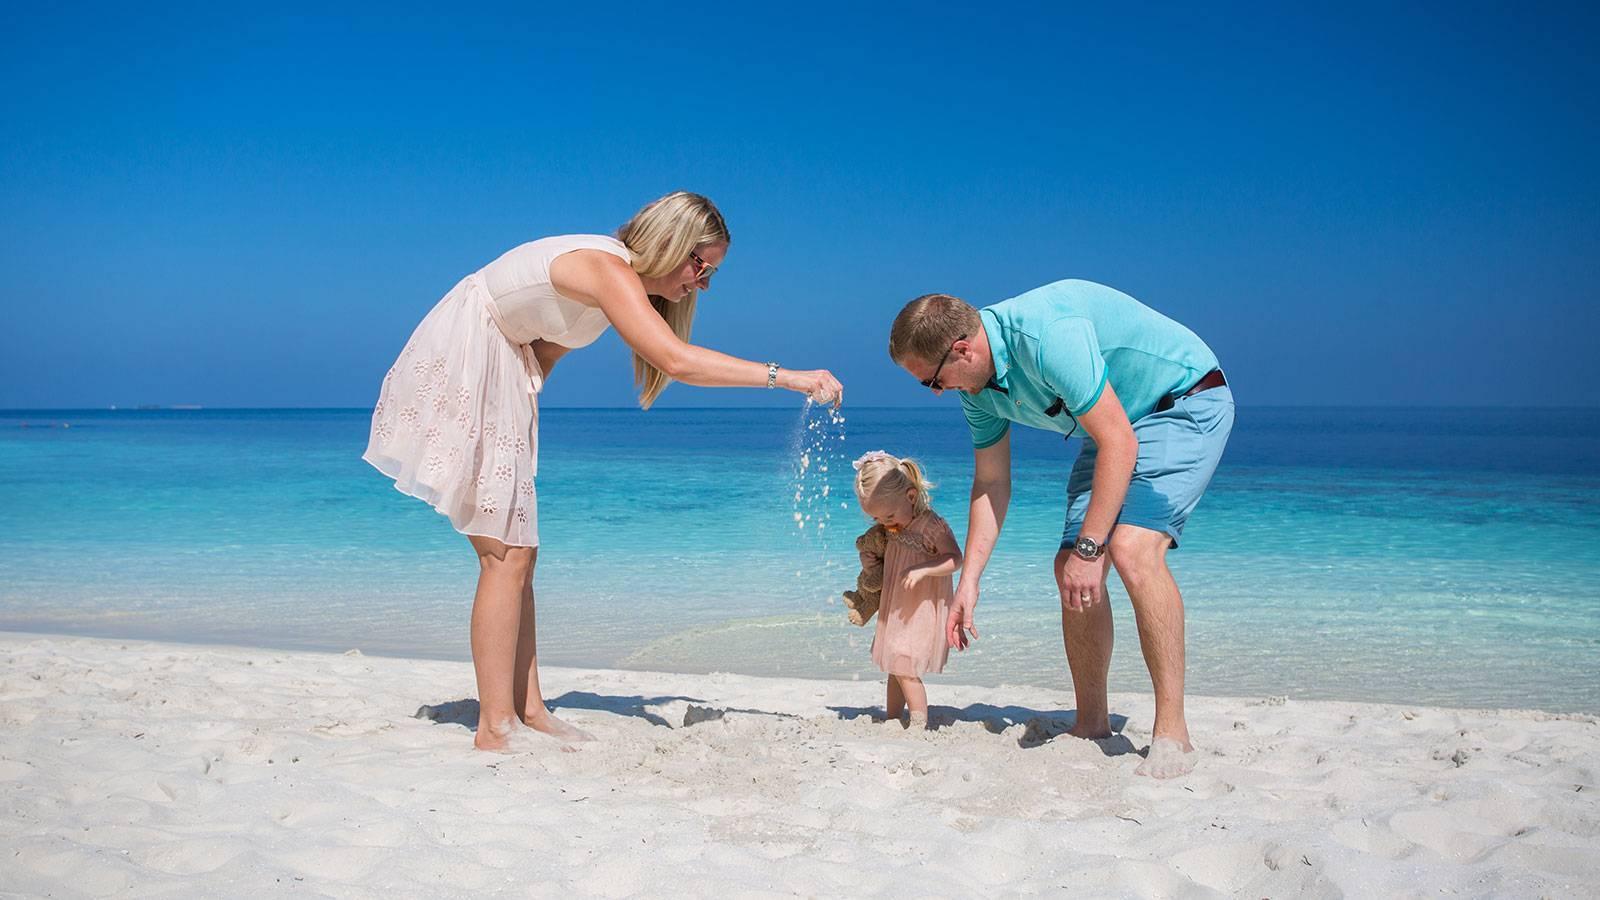 Список вещей на море с ребёнком: как не взять лишнего